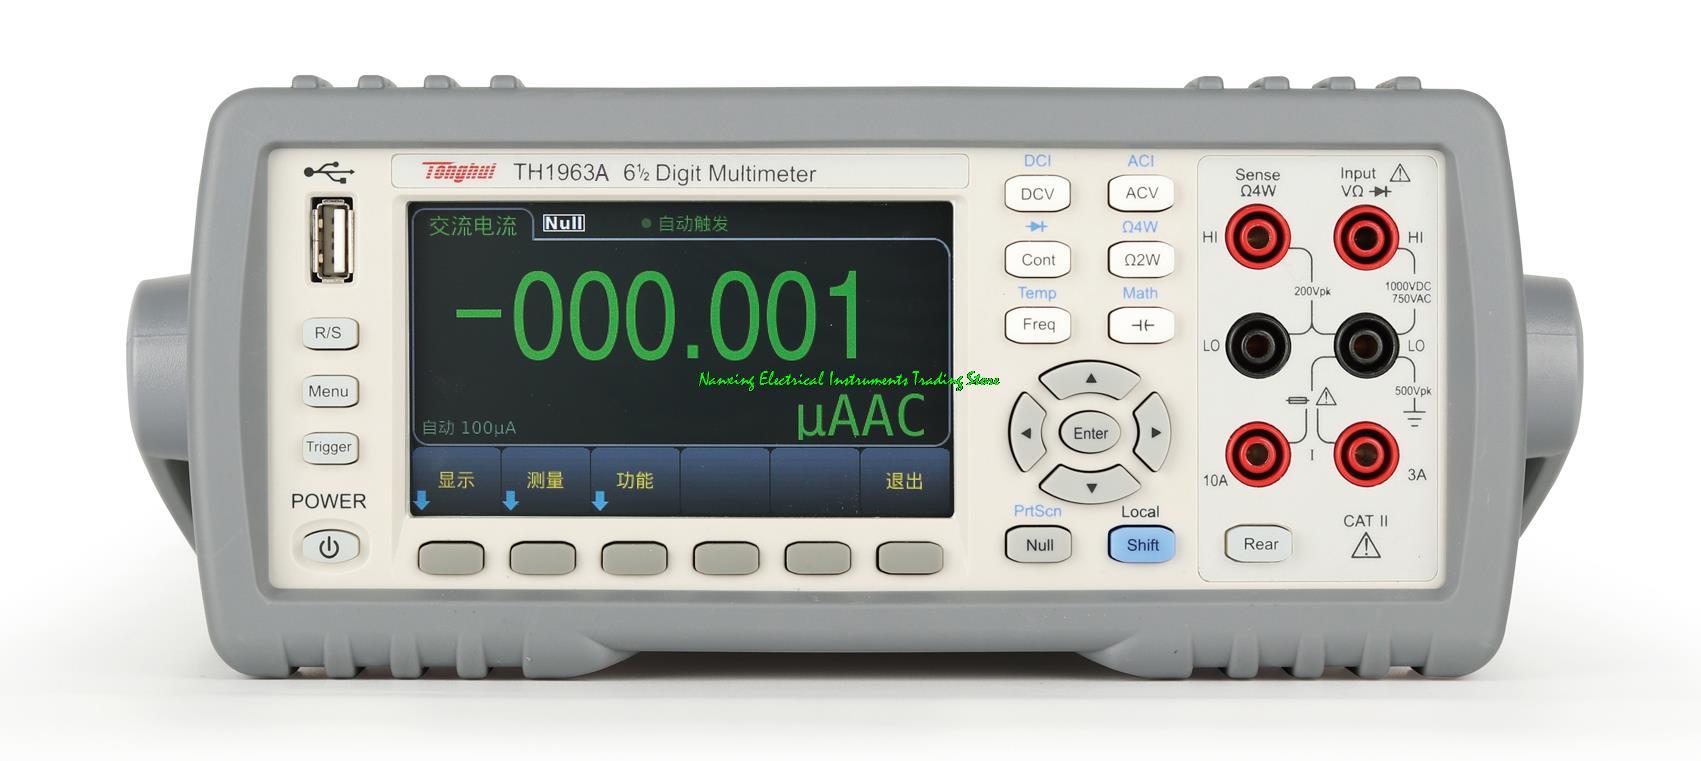 Цифровой мультиметр TONGHUI TH1963A, 6 1/2 цифр, максимальный 1200000 показаний; ЖК-дисплей; Экономичный Тип с тестом емкости